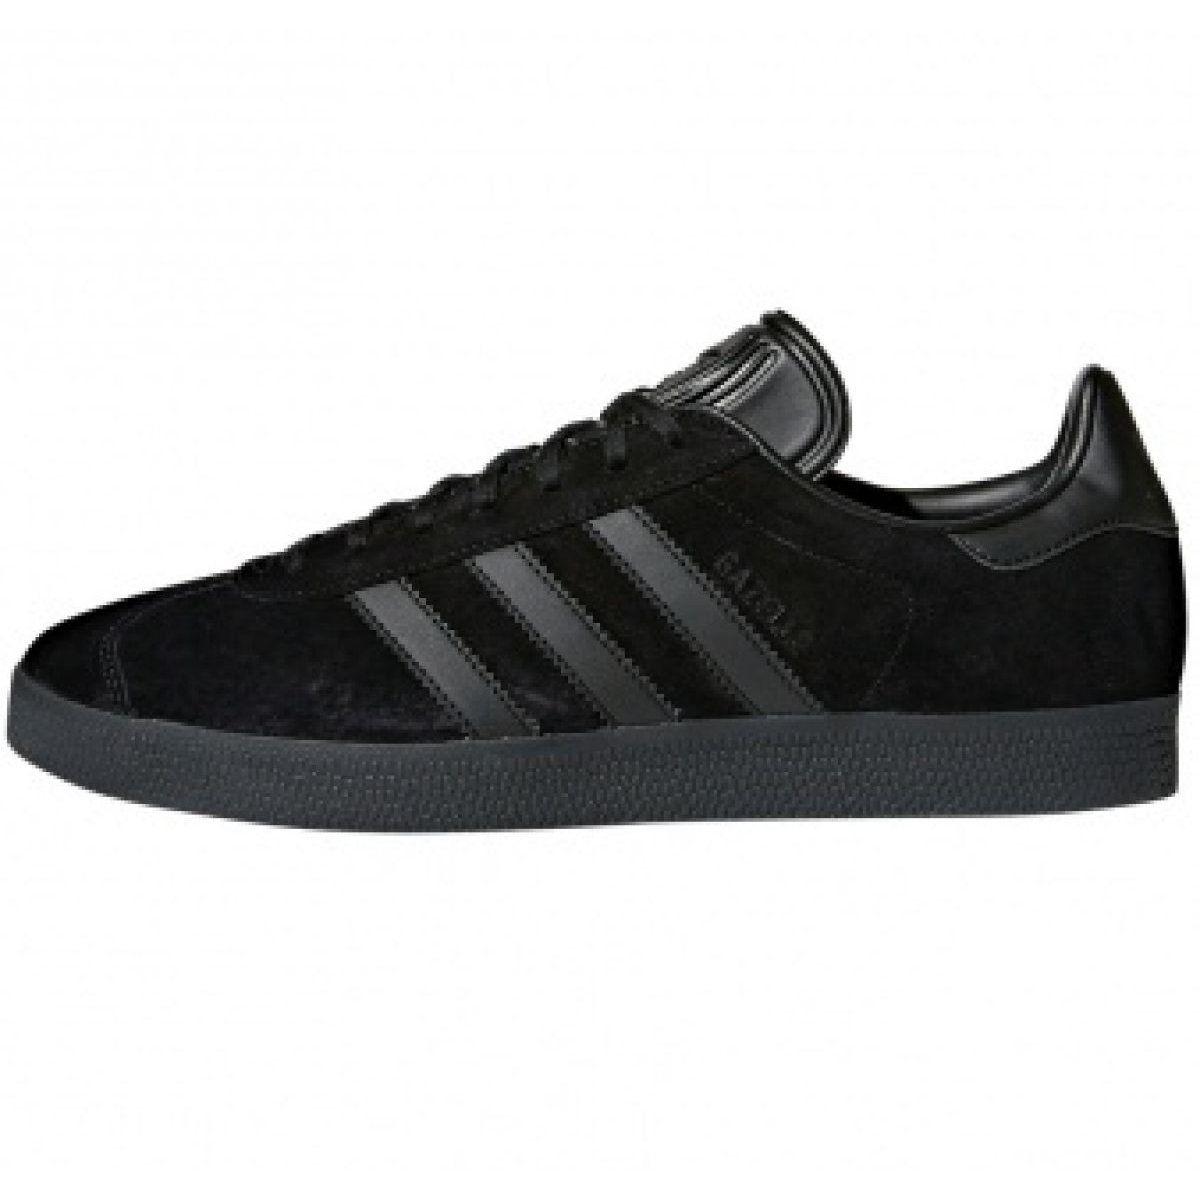 Sportowe Meskie Adidas Czarne Buty Adidas Originals Gazelle M Cq2809 Adidas Adidas Originals Sports Shoes Adidas